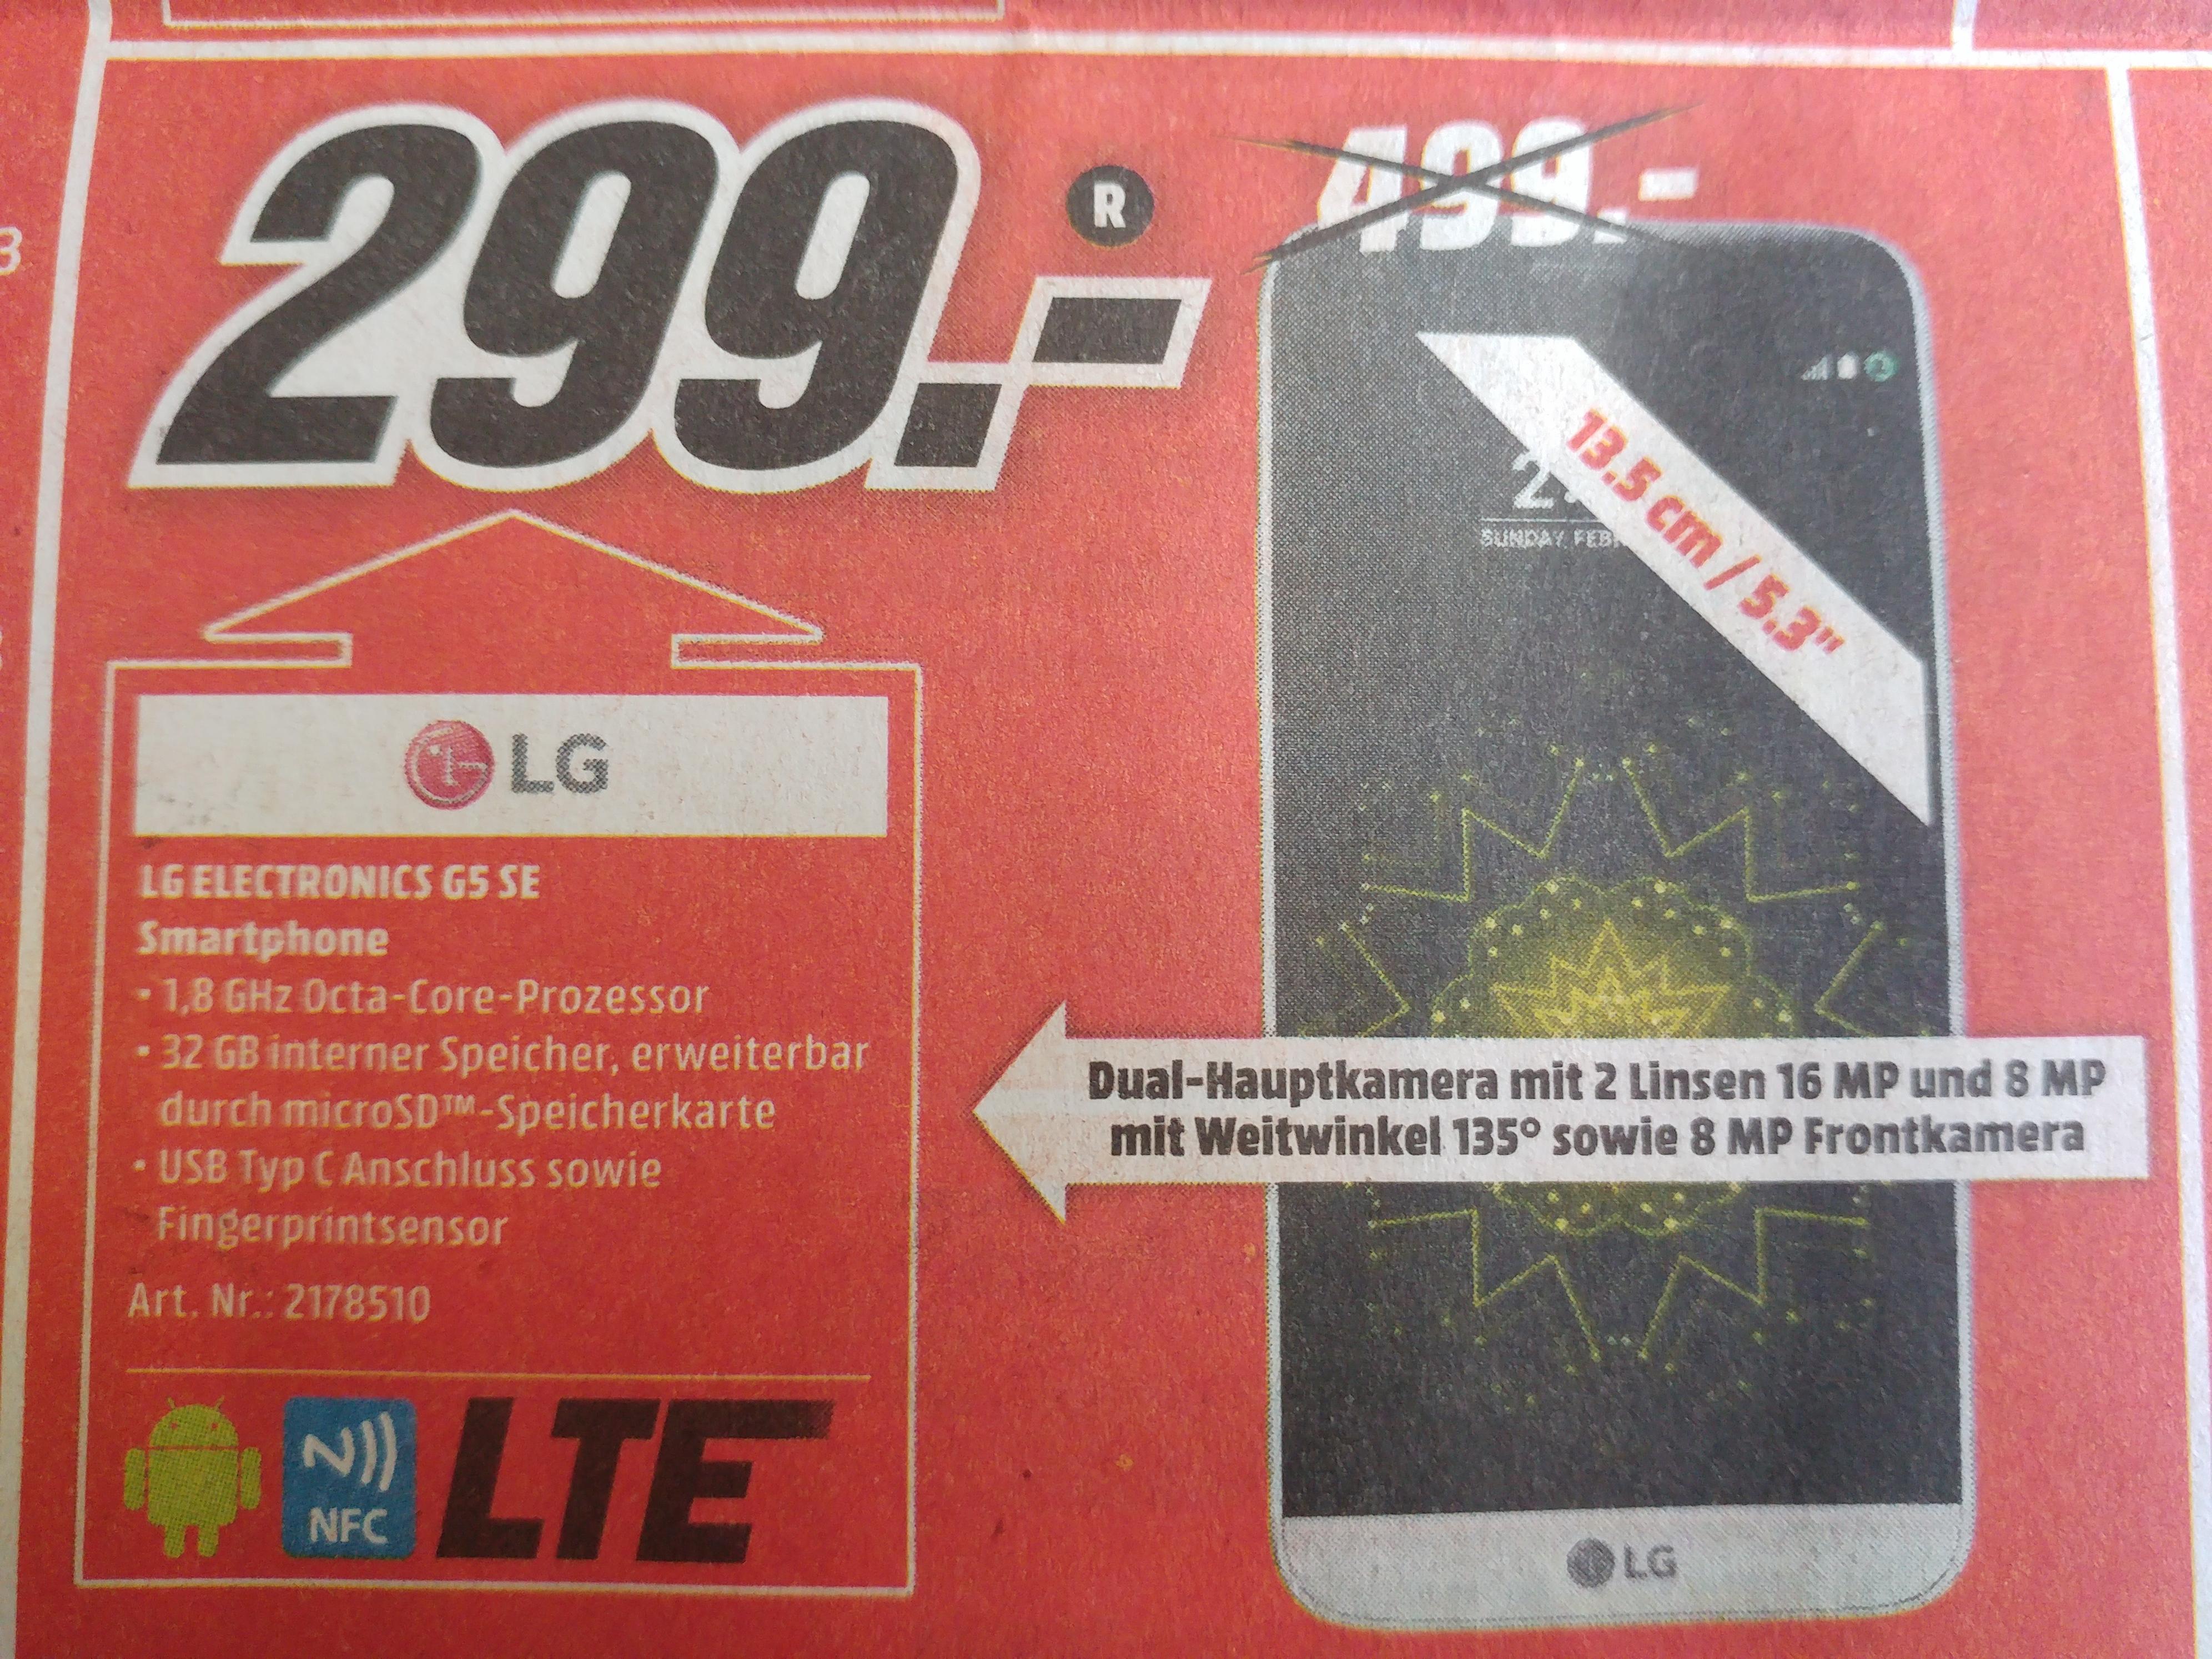 LG G5 Media Markt 299€